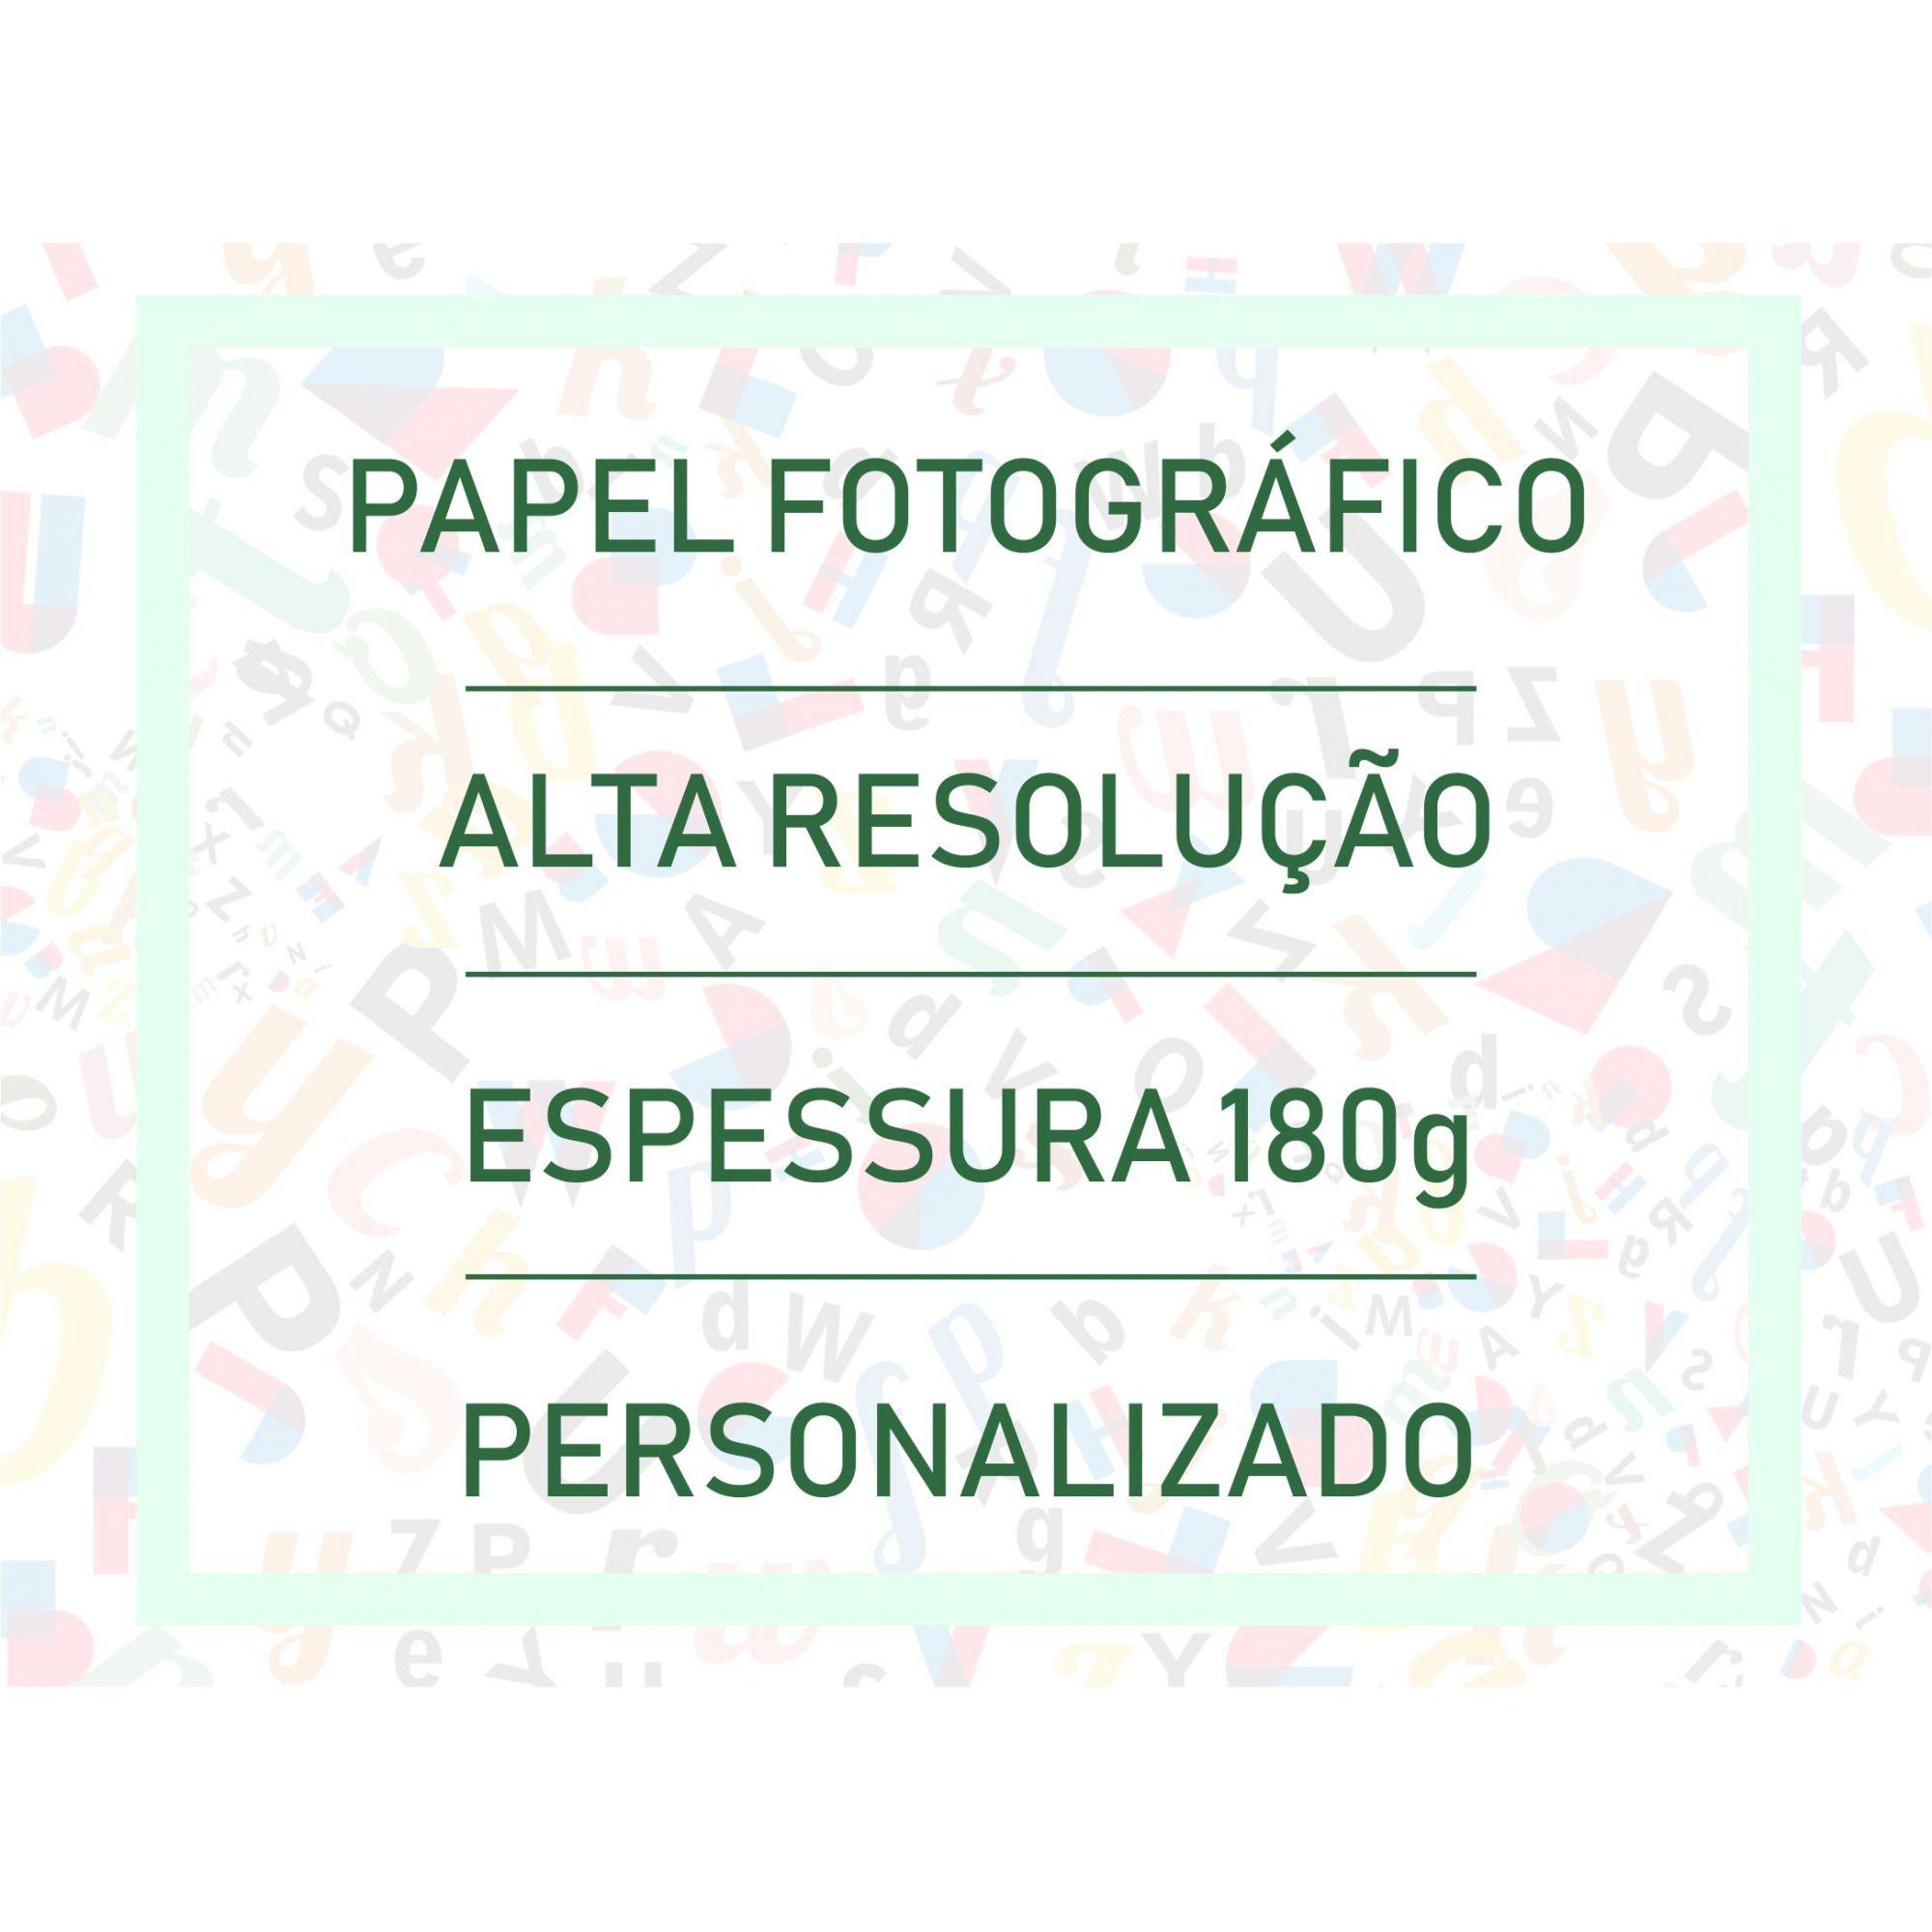 KIT 04 - 05 PRANCHAS JOGOS DA MEMÓRIA GRUPOS COM L - cc(l)v